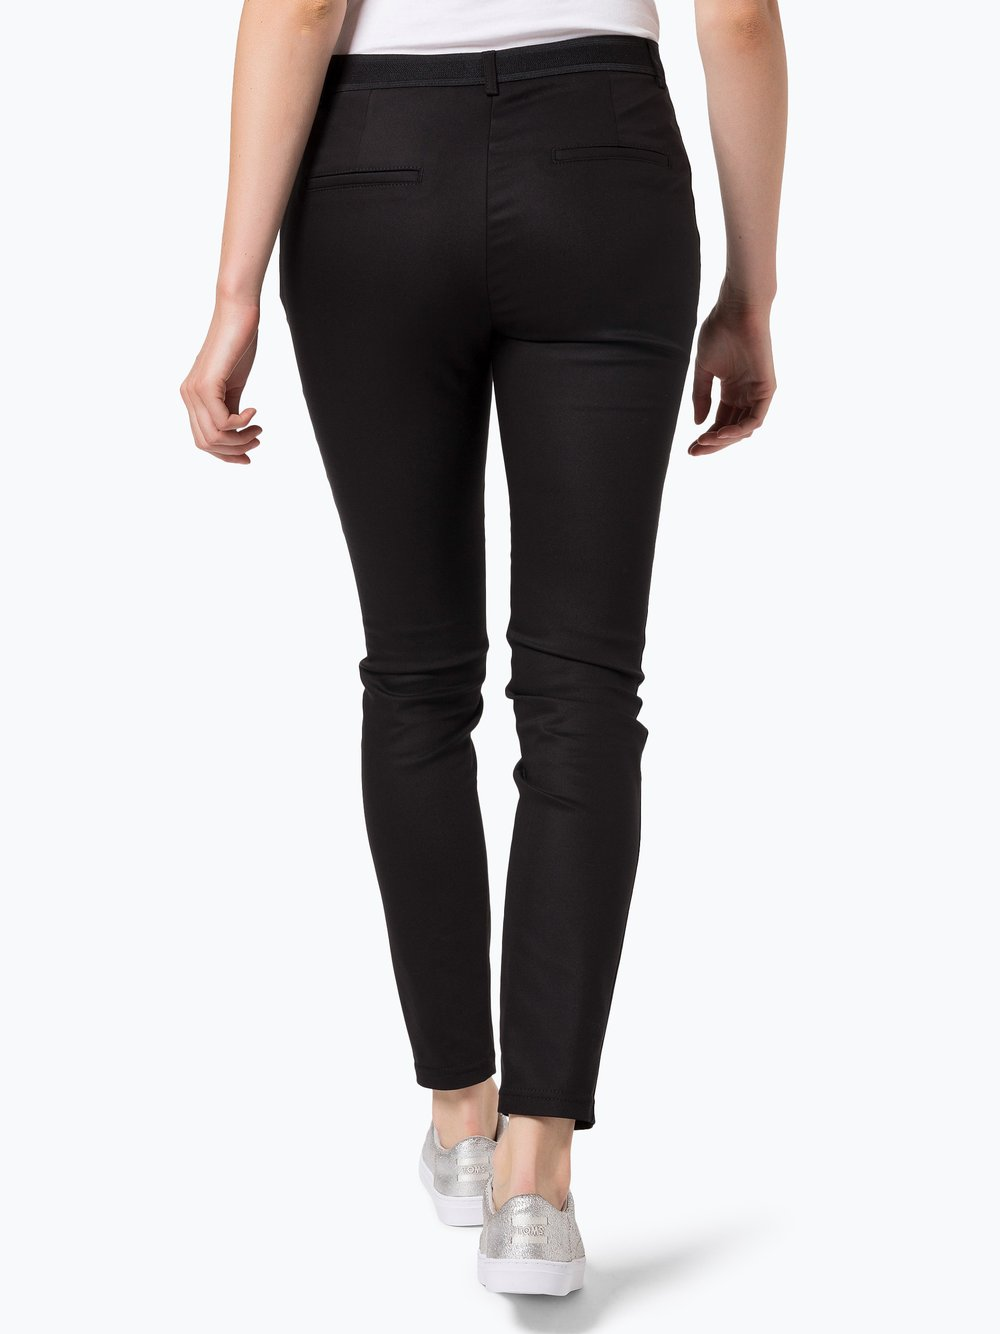 Bestbewertete Mode verschiedene Stile Fabrik authentisch comma Damen Hose - June online kaufen | PEEK-UND-CLOPPENBURG.DE